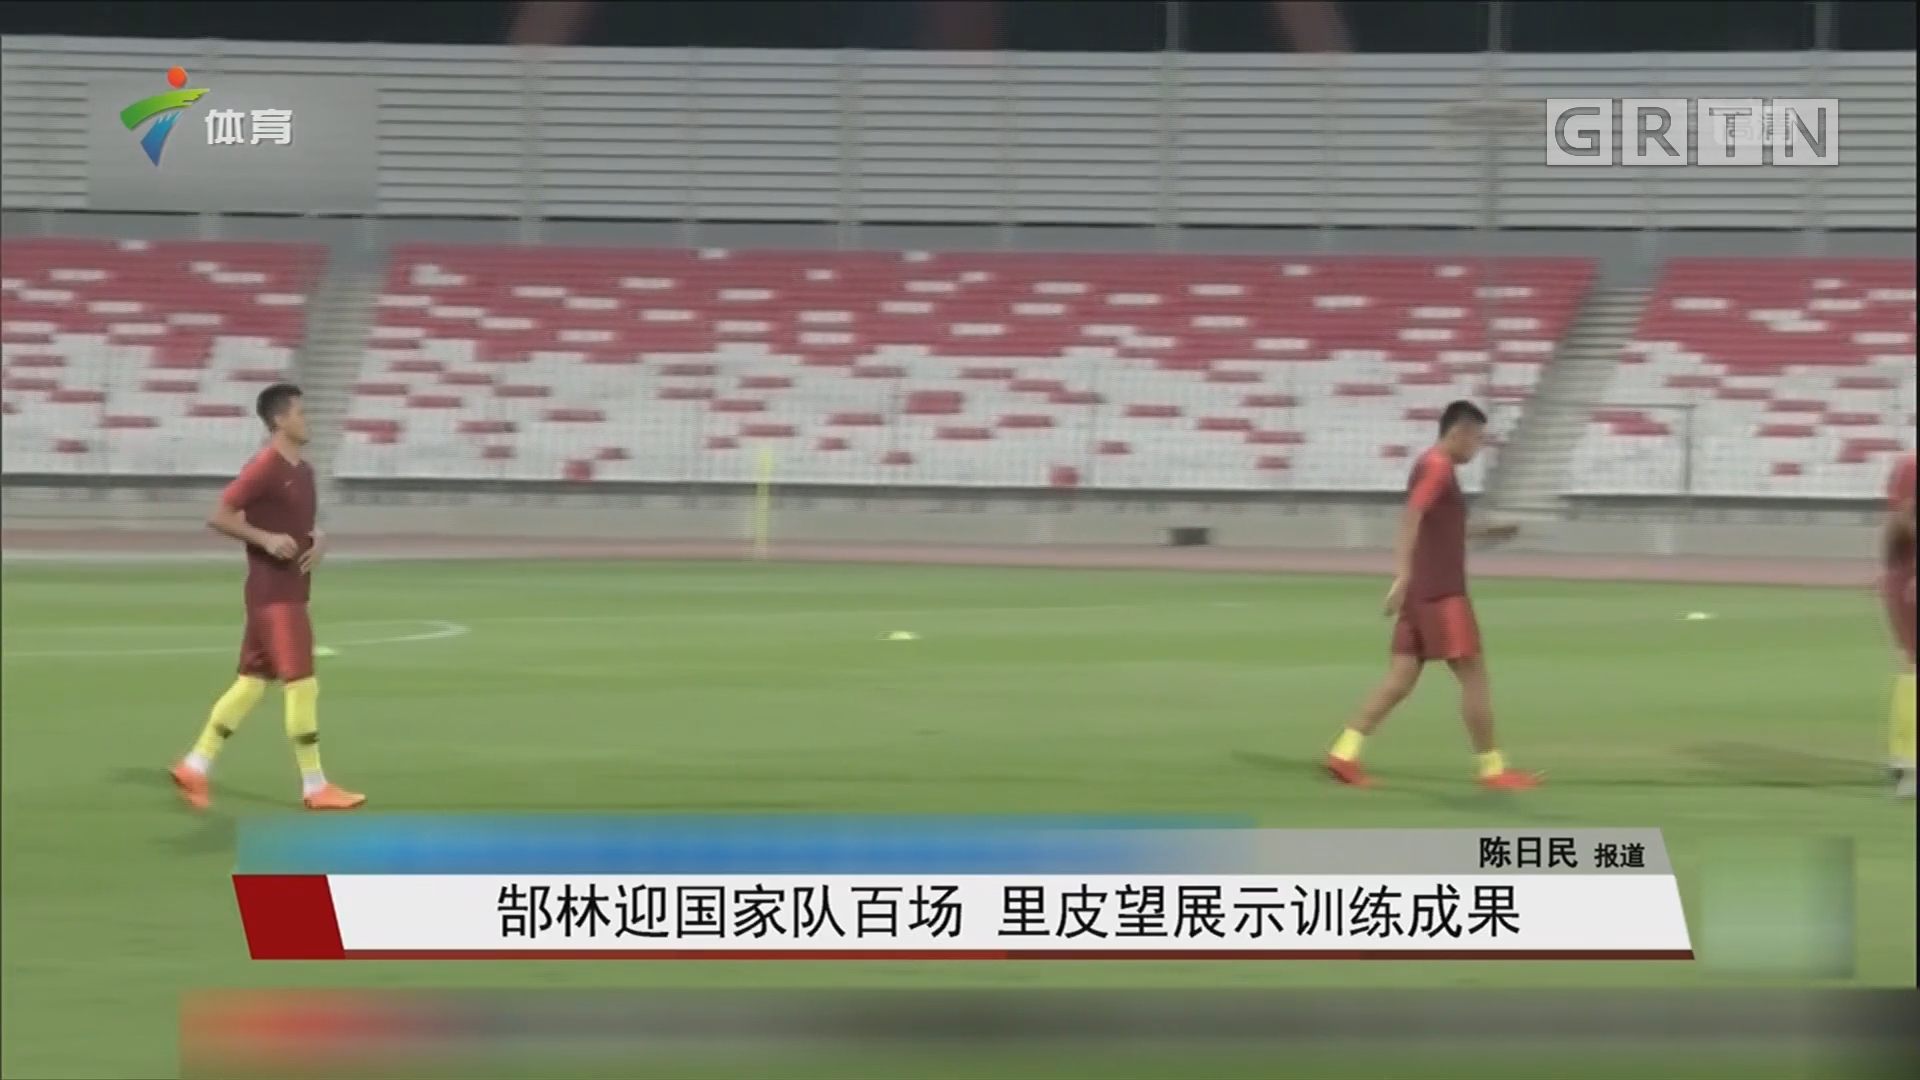 郜林迎国家队百场 里皮望展示训练成果